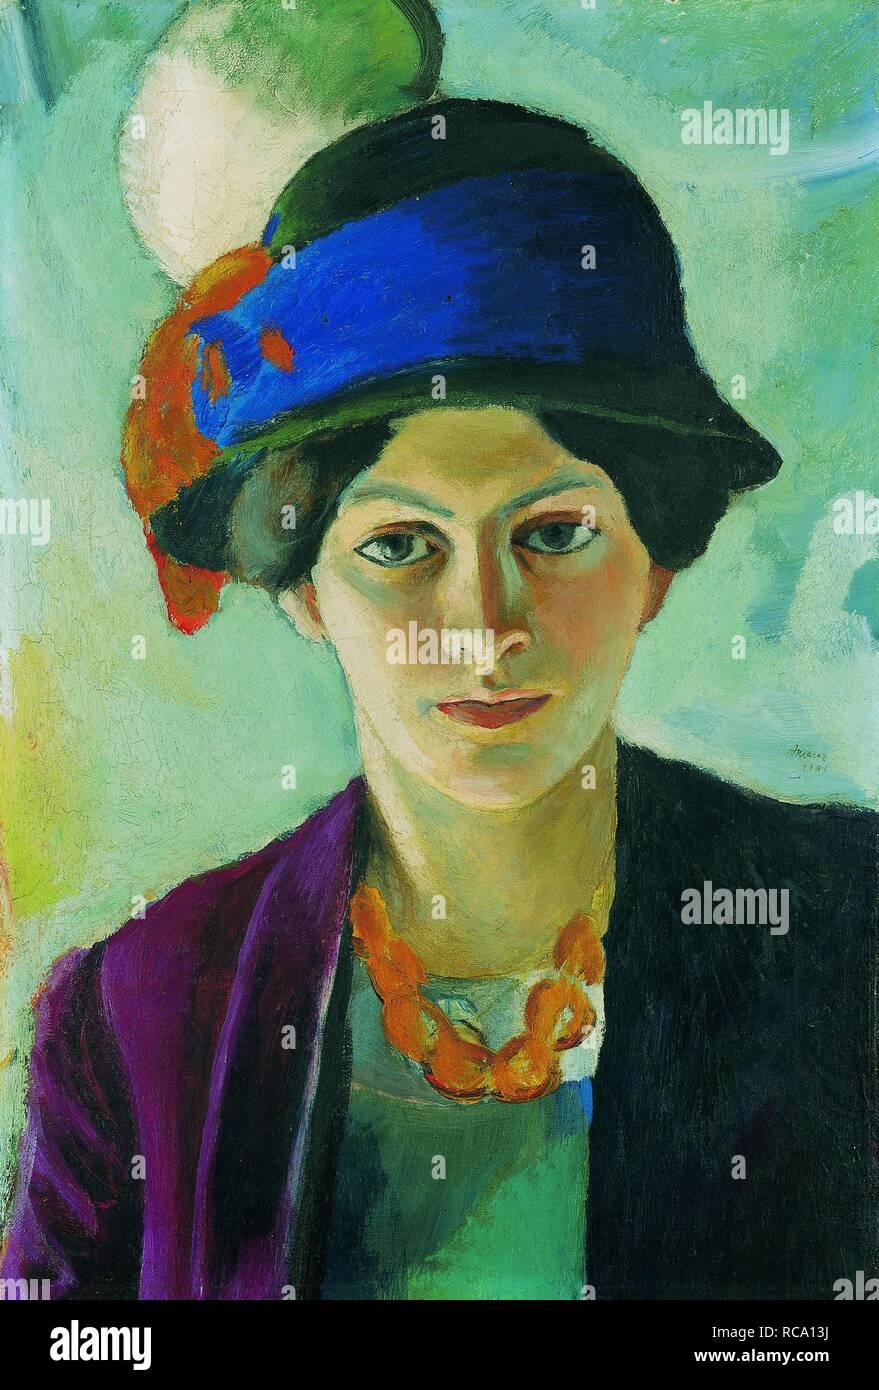 Artista della moglie con Hat. Museo: Collezione privata. Autore: MACKE, agosto. Immagini Stock